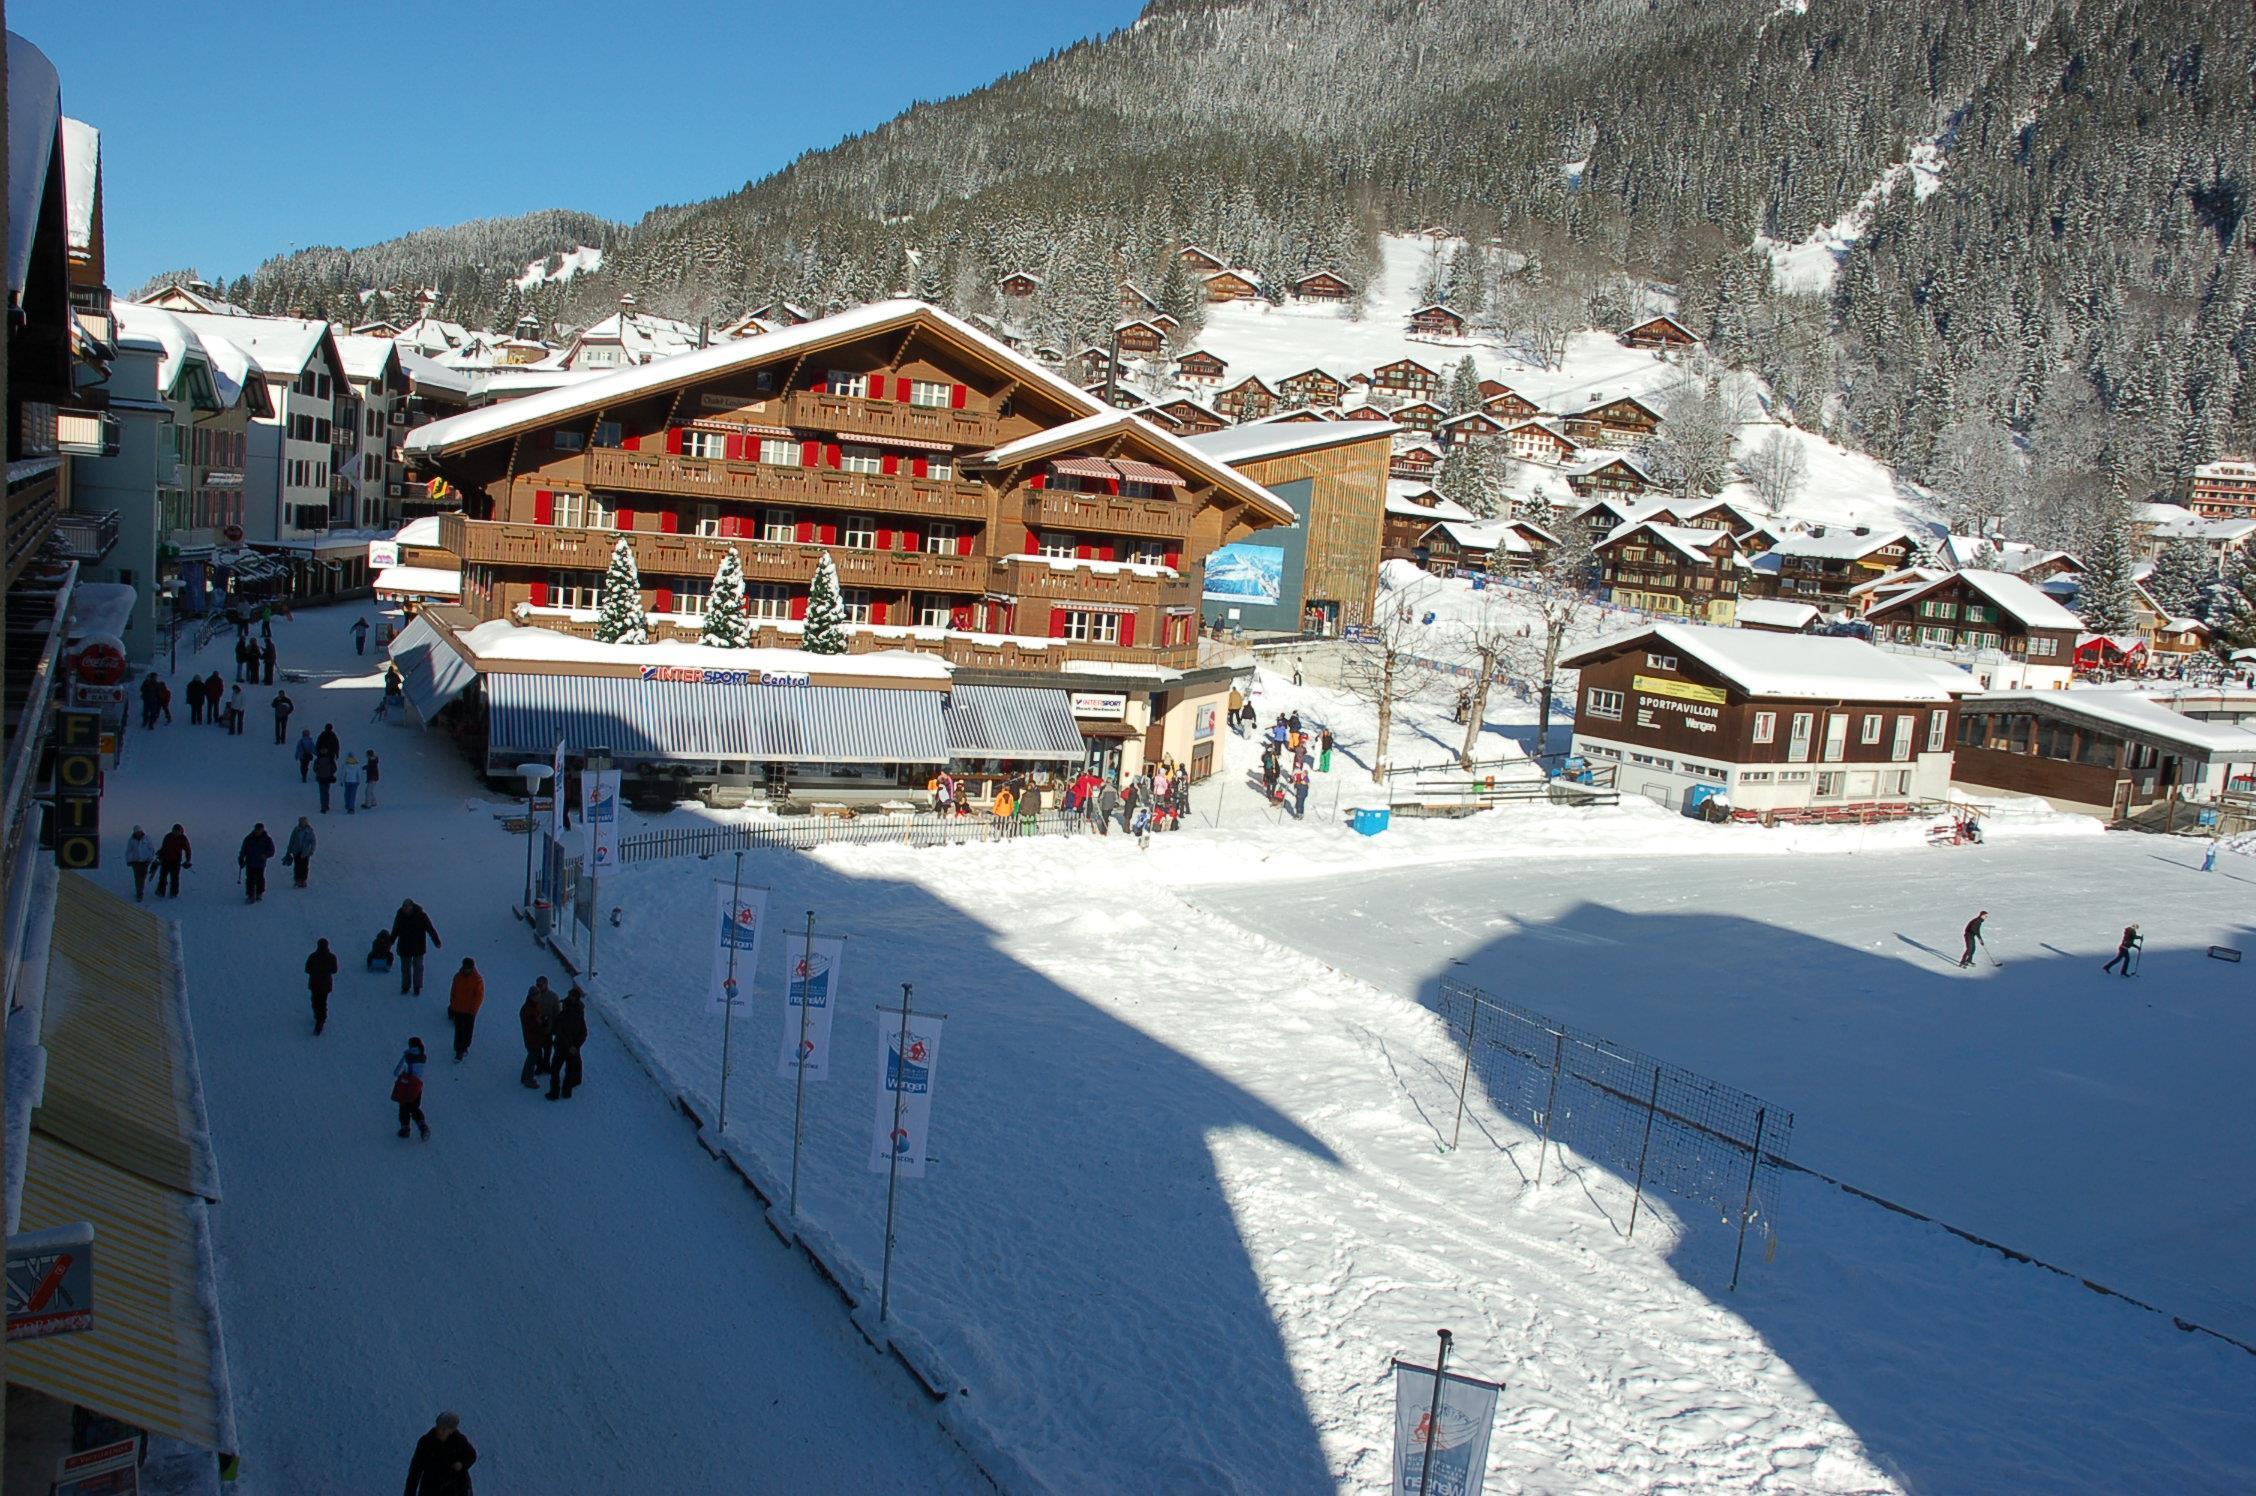 Ferienwohnung Eiger Residence 6 Bett Wohnung (2712549), Wengen, Jungfrauregion, Berner Oberland, Schweiz, Bild 8